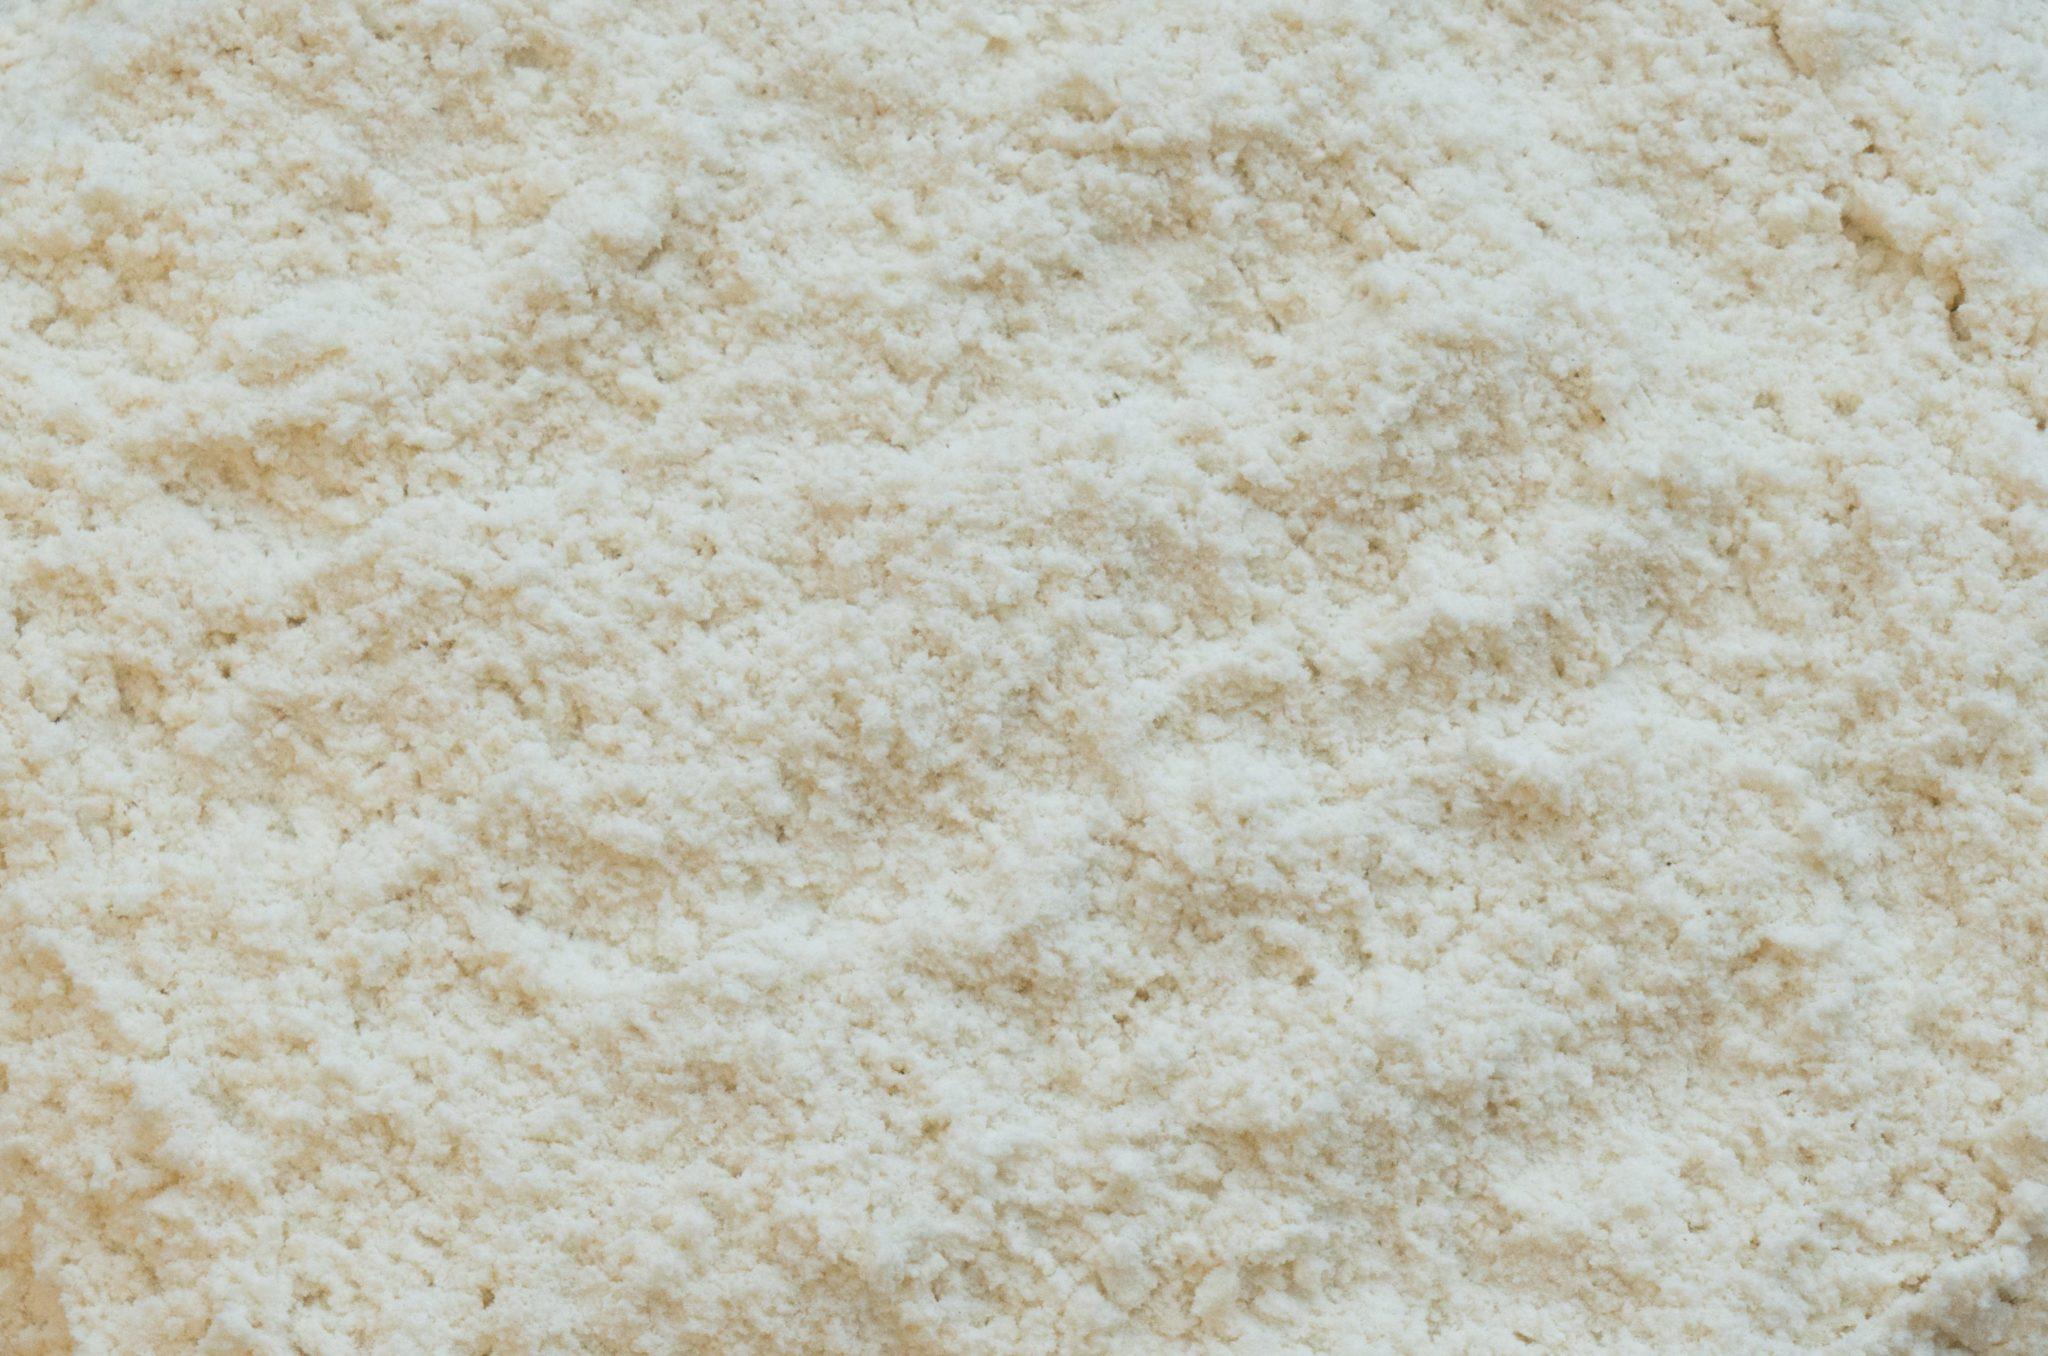 farine blanche non blanchie